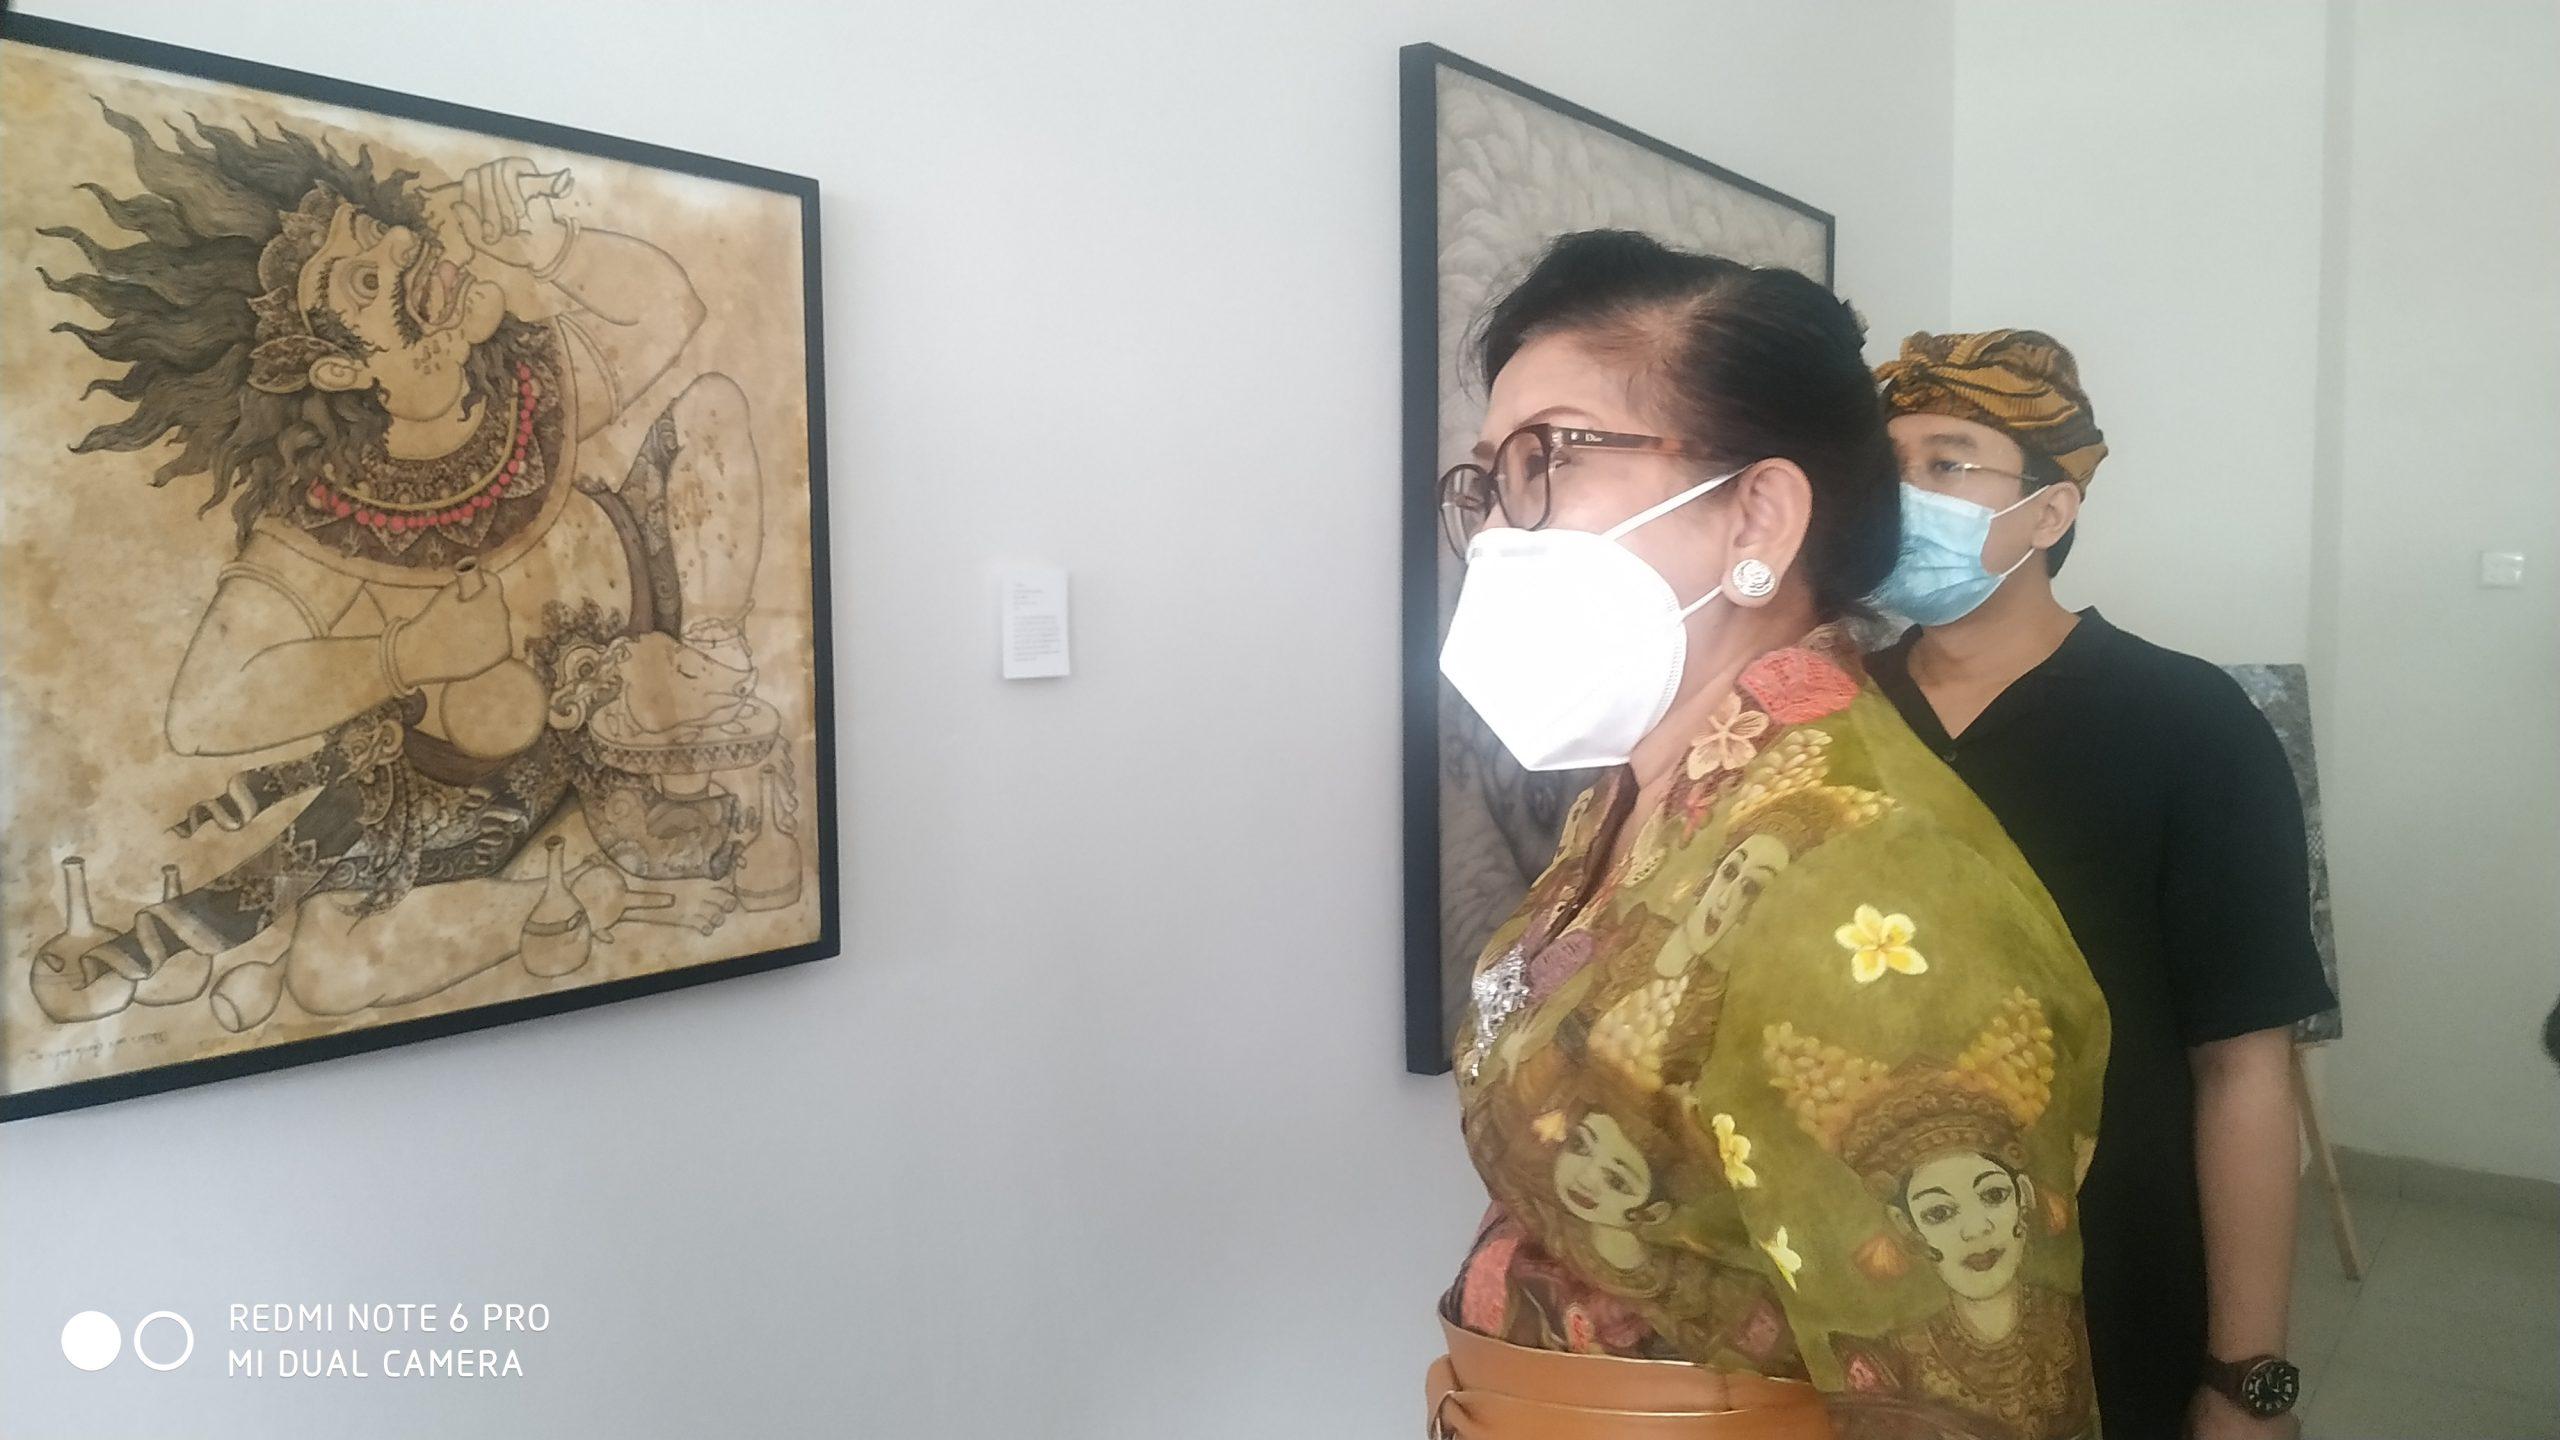 """PUTRI Suastini Koster memperhatikan salah satu lukisan usai membuka pameran lukisan seniman muda Bali dengan tema """"Seni di tengah Pandemi"""" yang juga serangkaian dengan Peringatan Hari Kesehatan Nasional, di RSJ Provinsi Bali, Bangli, Kamis (12/11/2020). Foto: gia"""